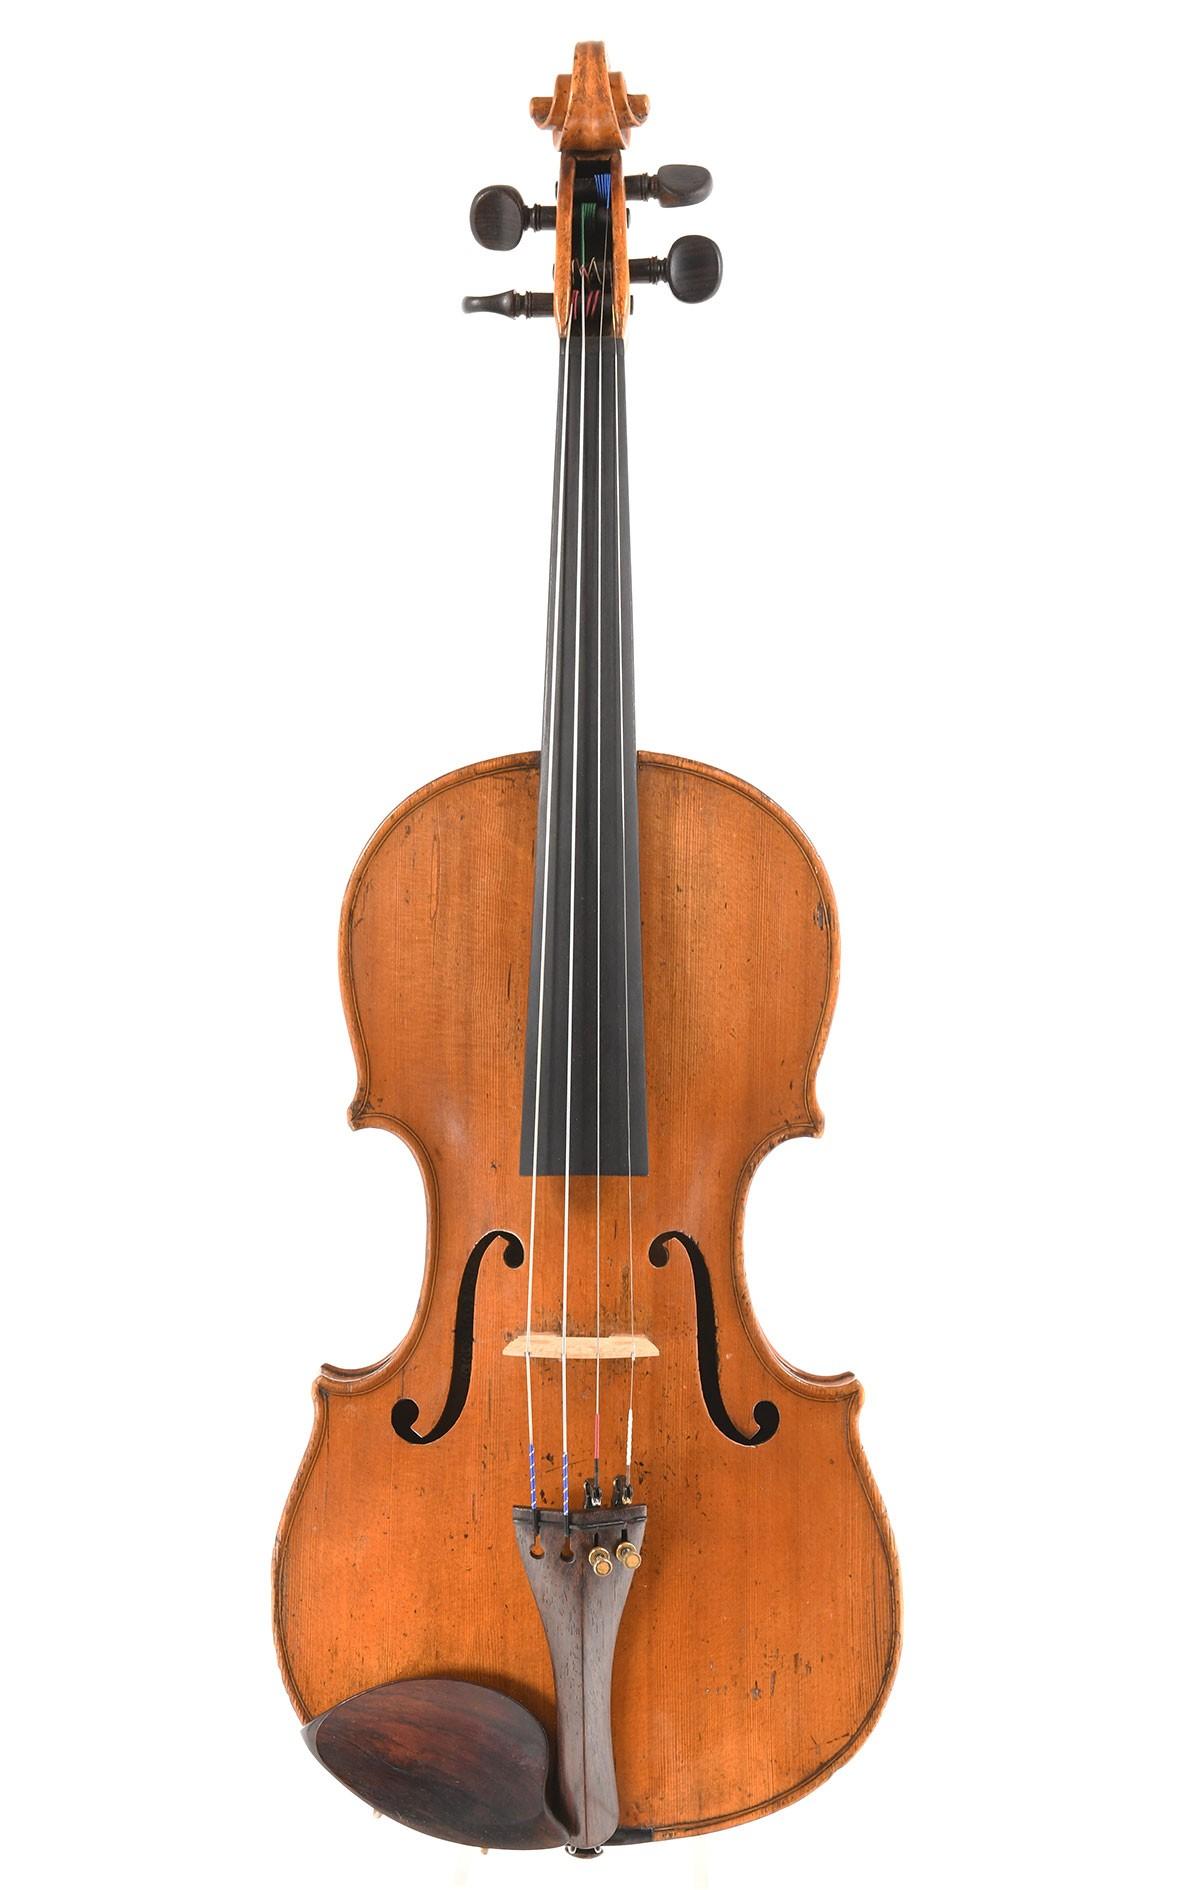 Feine Französische Violine, circa 1750 (Zertifikat Etienne Vatelot)